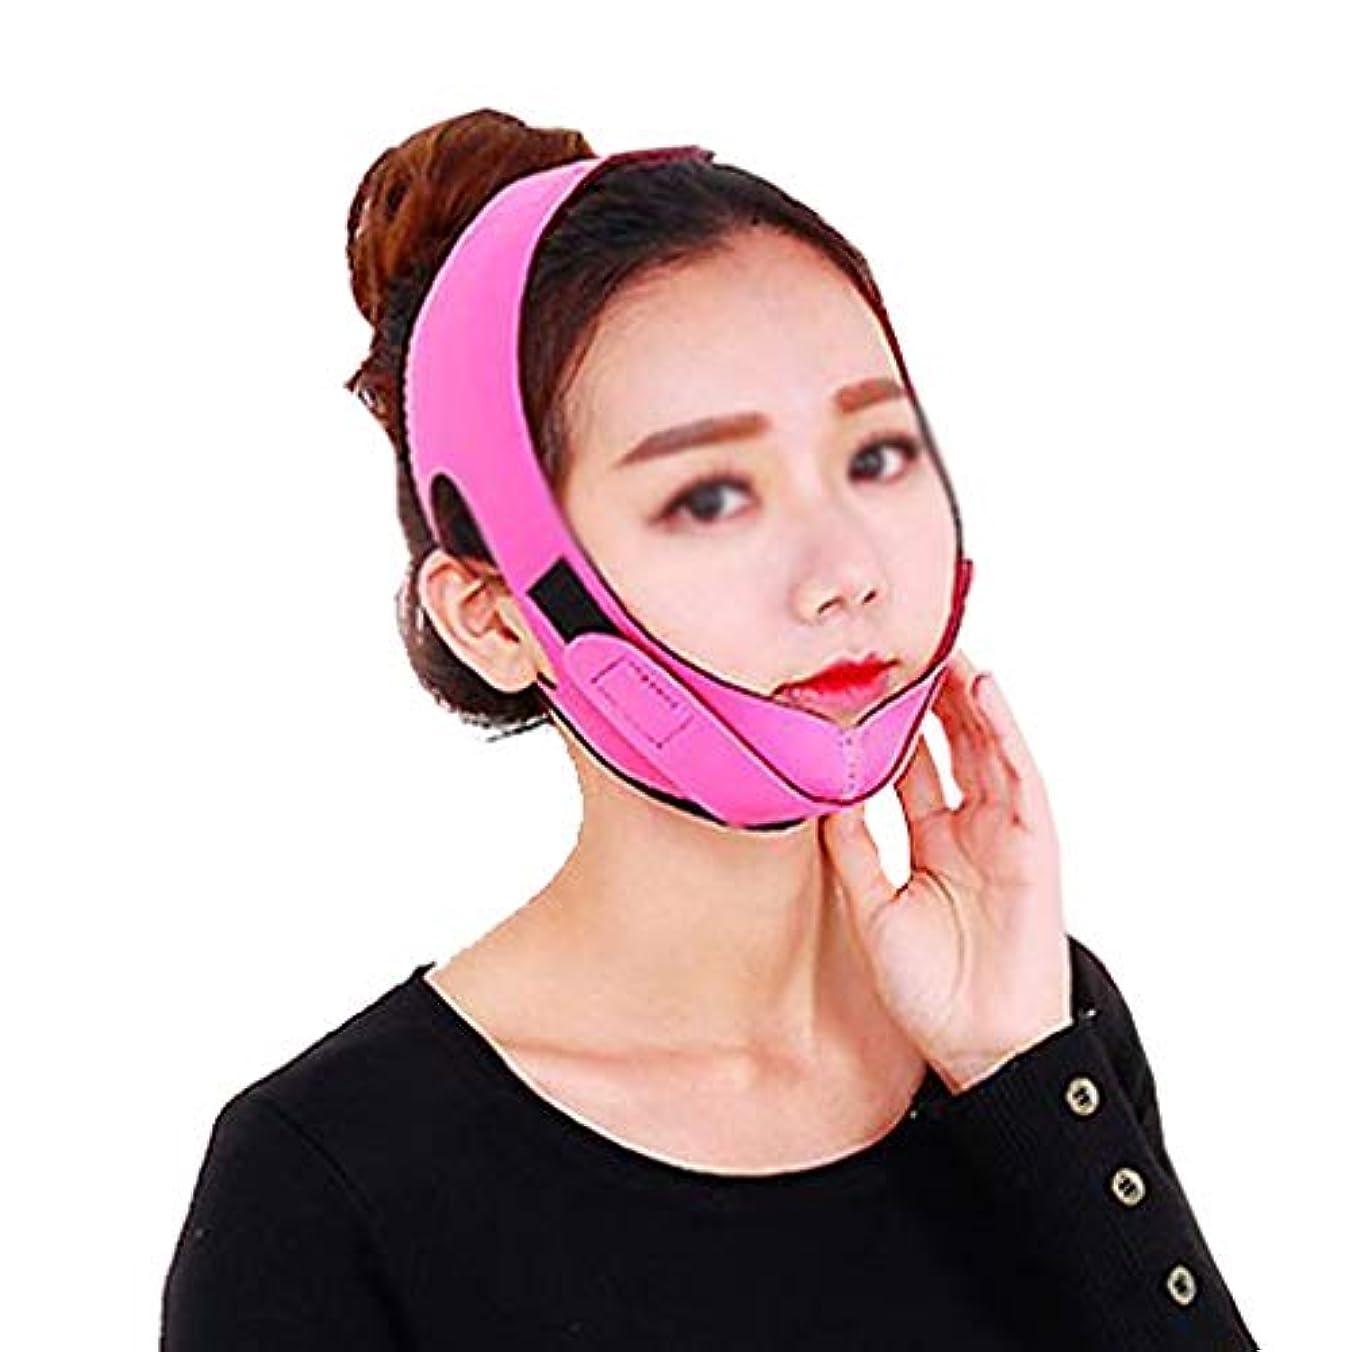 学者進捗味ZWBD フェイスマスク, フェイスリフトマスクアーティファクトフェイスリフティング包帯男性と女性フェイスリフティング器具スモールVフェイス包帯リフティングダブルチンフェイス